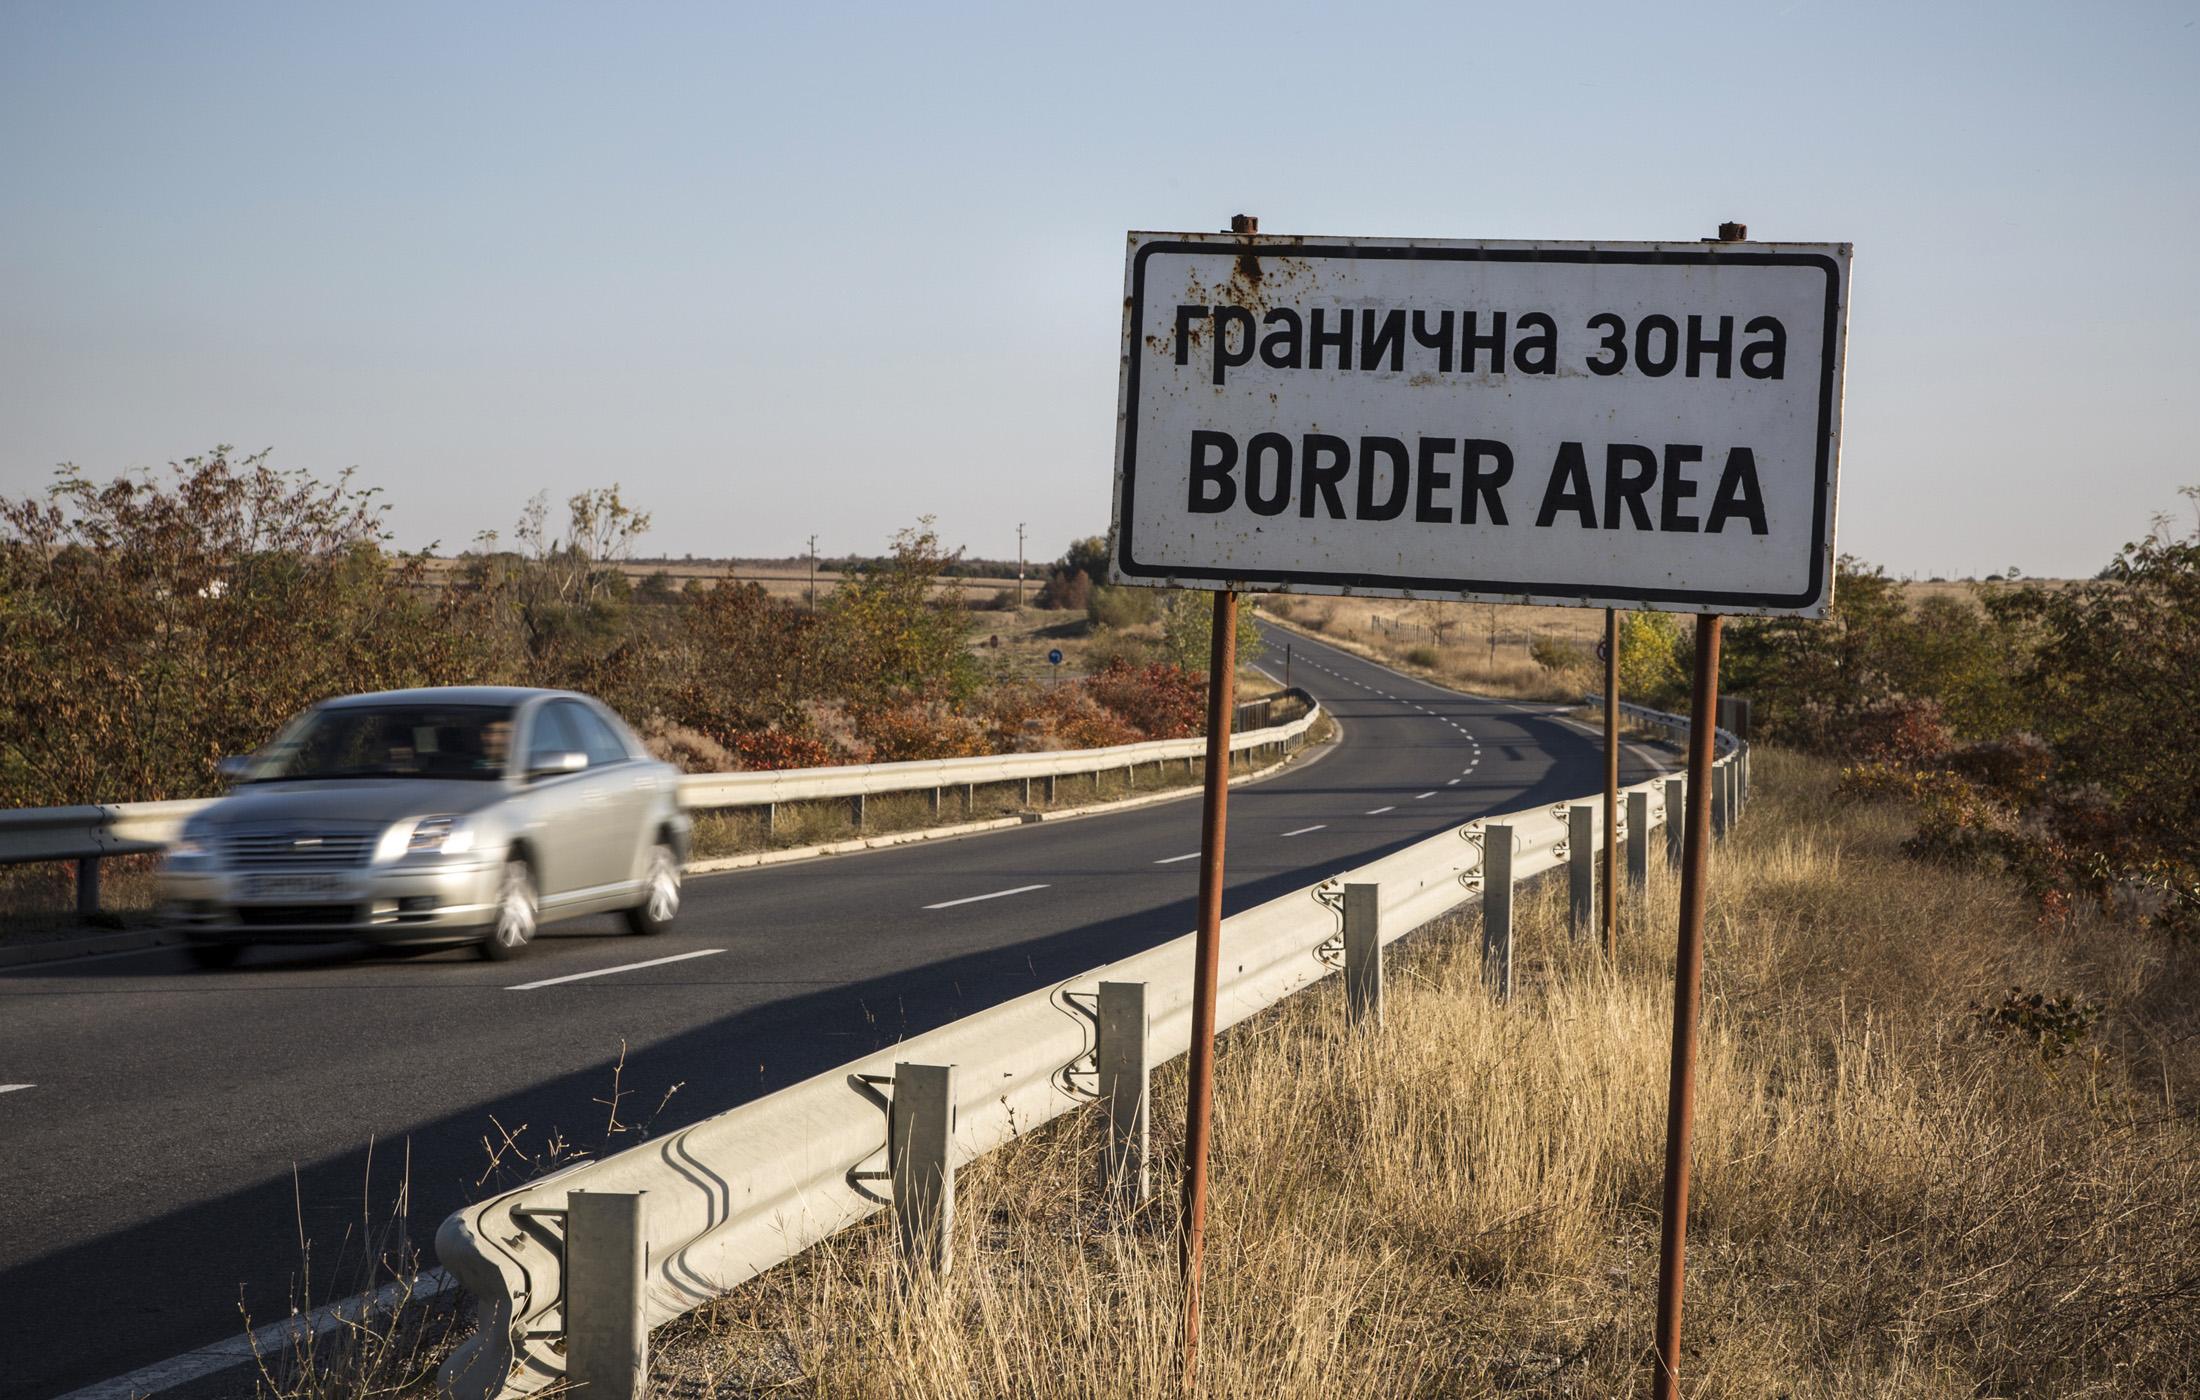 Υπουργός Εσωτερικών Βουλγαρίας: Οι προσπάθειες παράνομων συνοριακών διελεύσεων στη Βουλγαρία από την Τουρκία και την Ελλάδα αυξήθηκαν τον Αύγουστο – Οκτώβριο